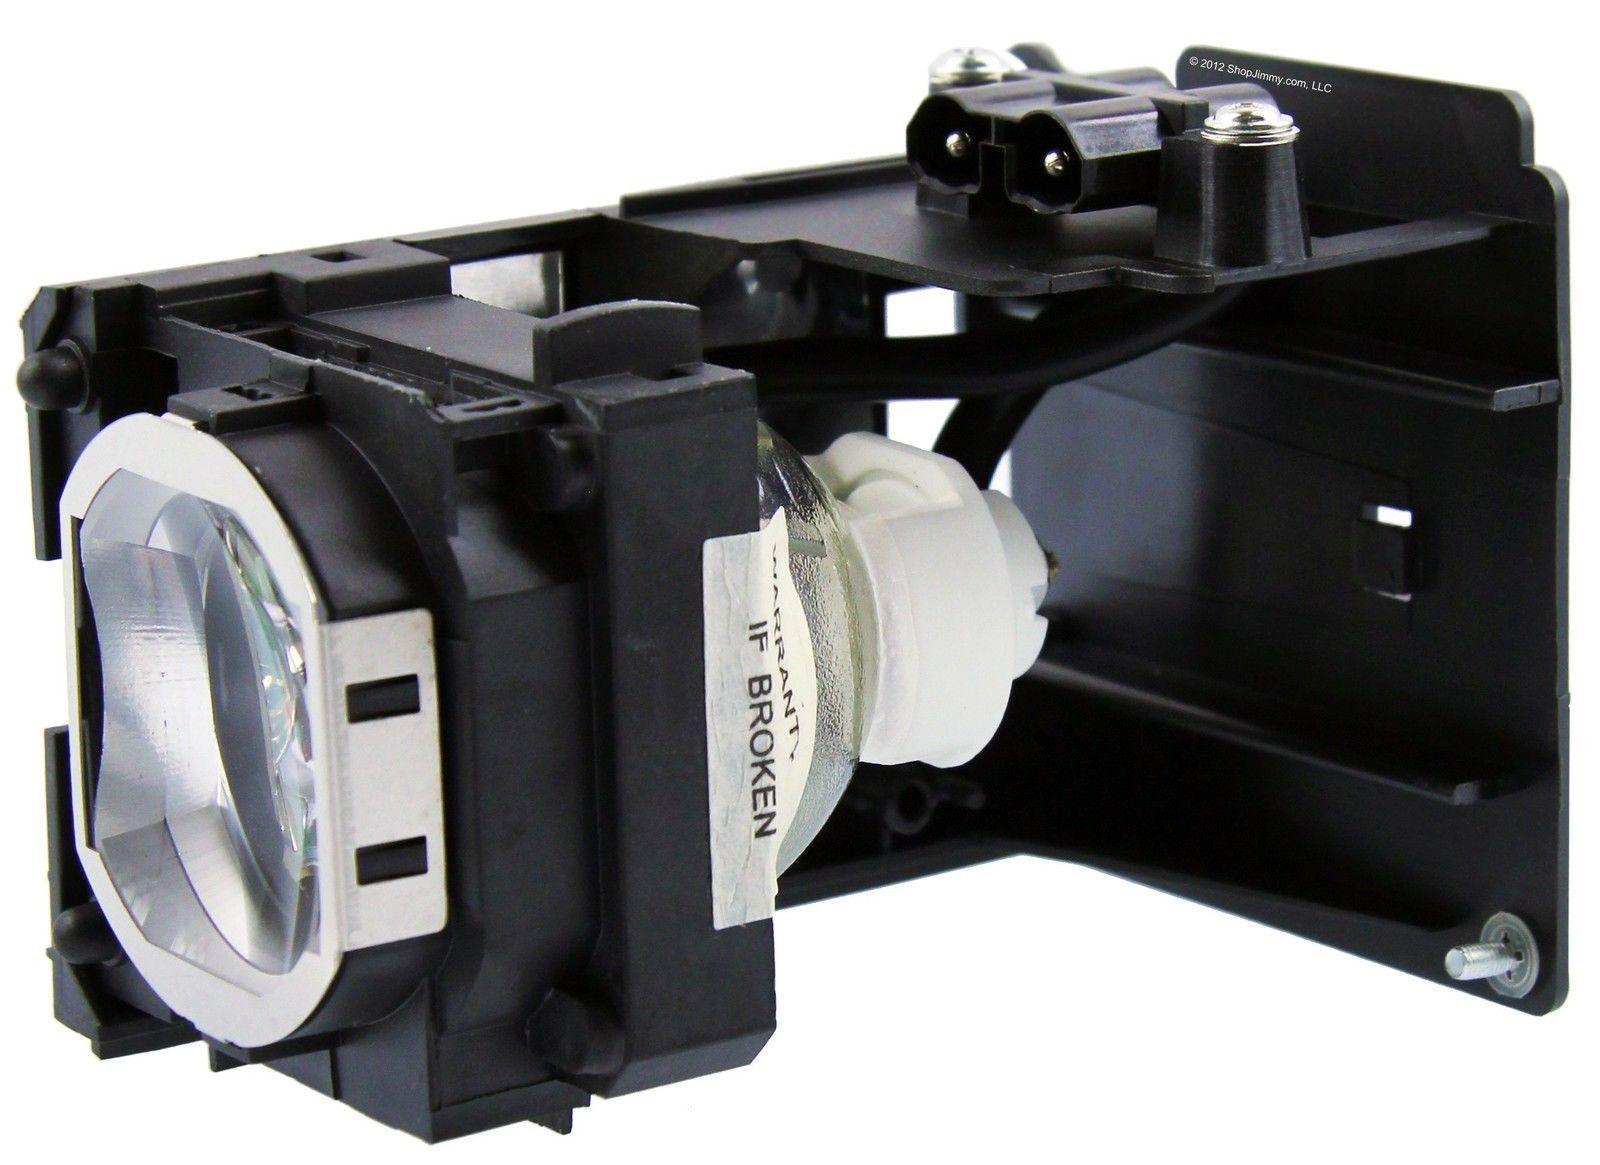 Projector Bulb Lamp VLT-HC5000LP VLTHC5000LP HC5000LP 915D116O10 for Mitsubishi HC4900 HC5000 HC5500 HC6000 with housingProjector Bulb Lamp VLT-HC5000LP VLTHC5000LP HC5000LP 915D116O10 for Mitsubishi HC4900 HC5000 HC5500 HC6000 with housing